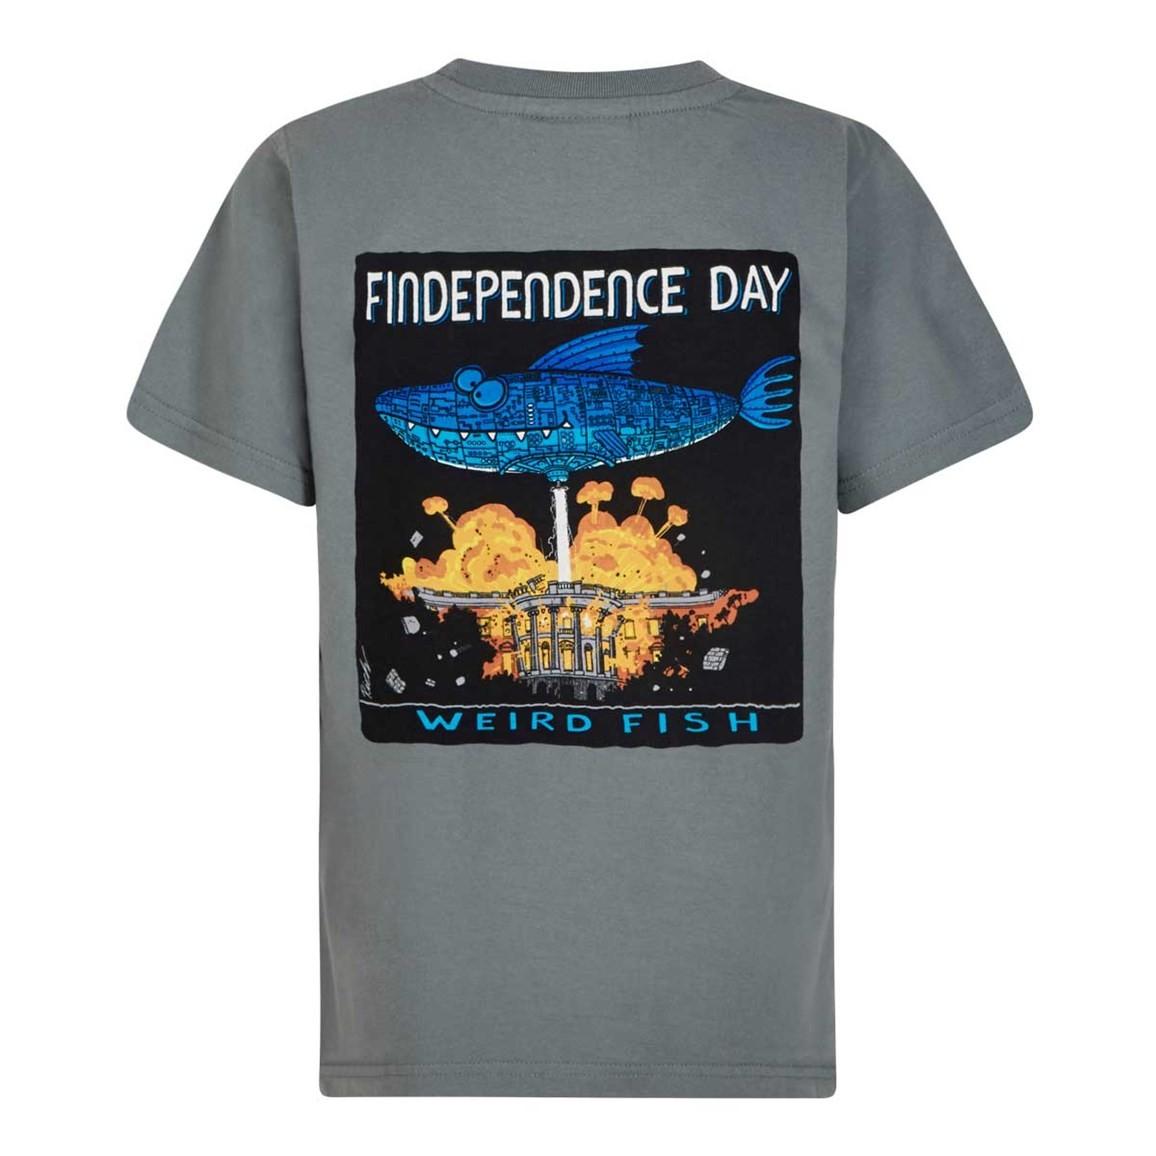 Weird Fish Findependence Artist T-Shirt Grey Blue Size 11-12